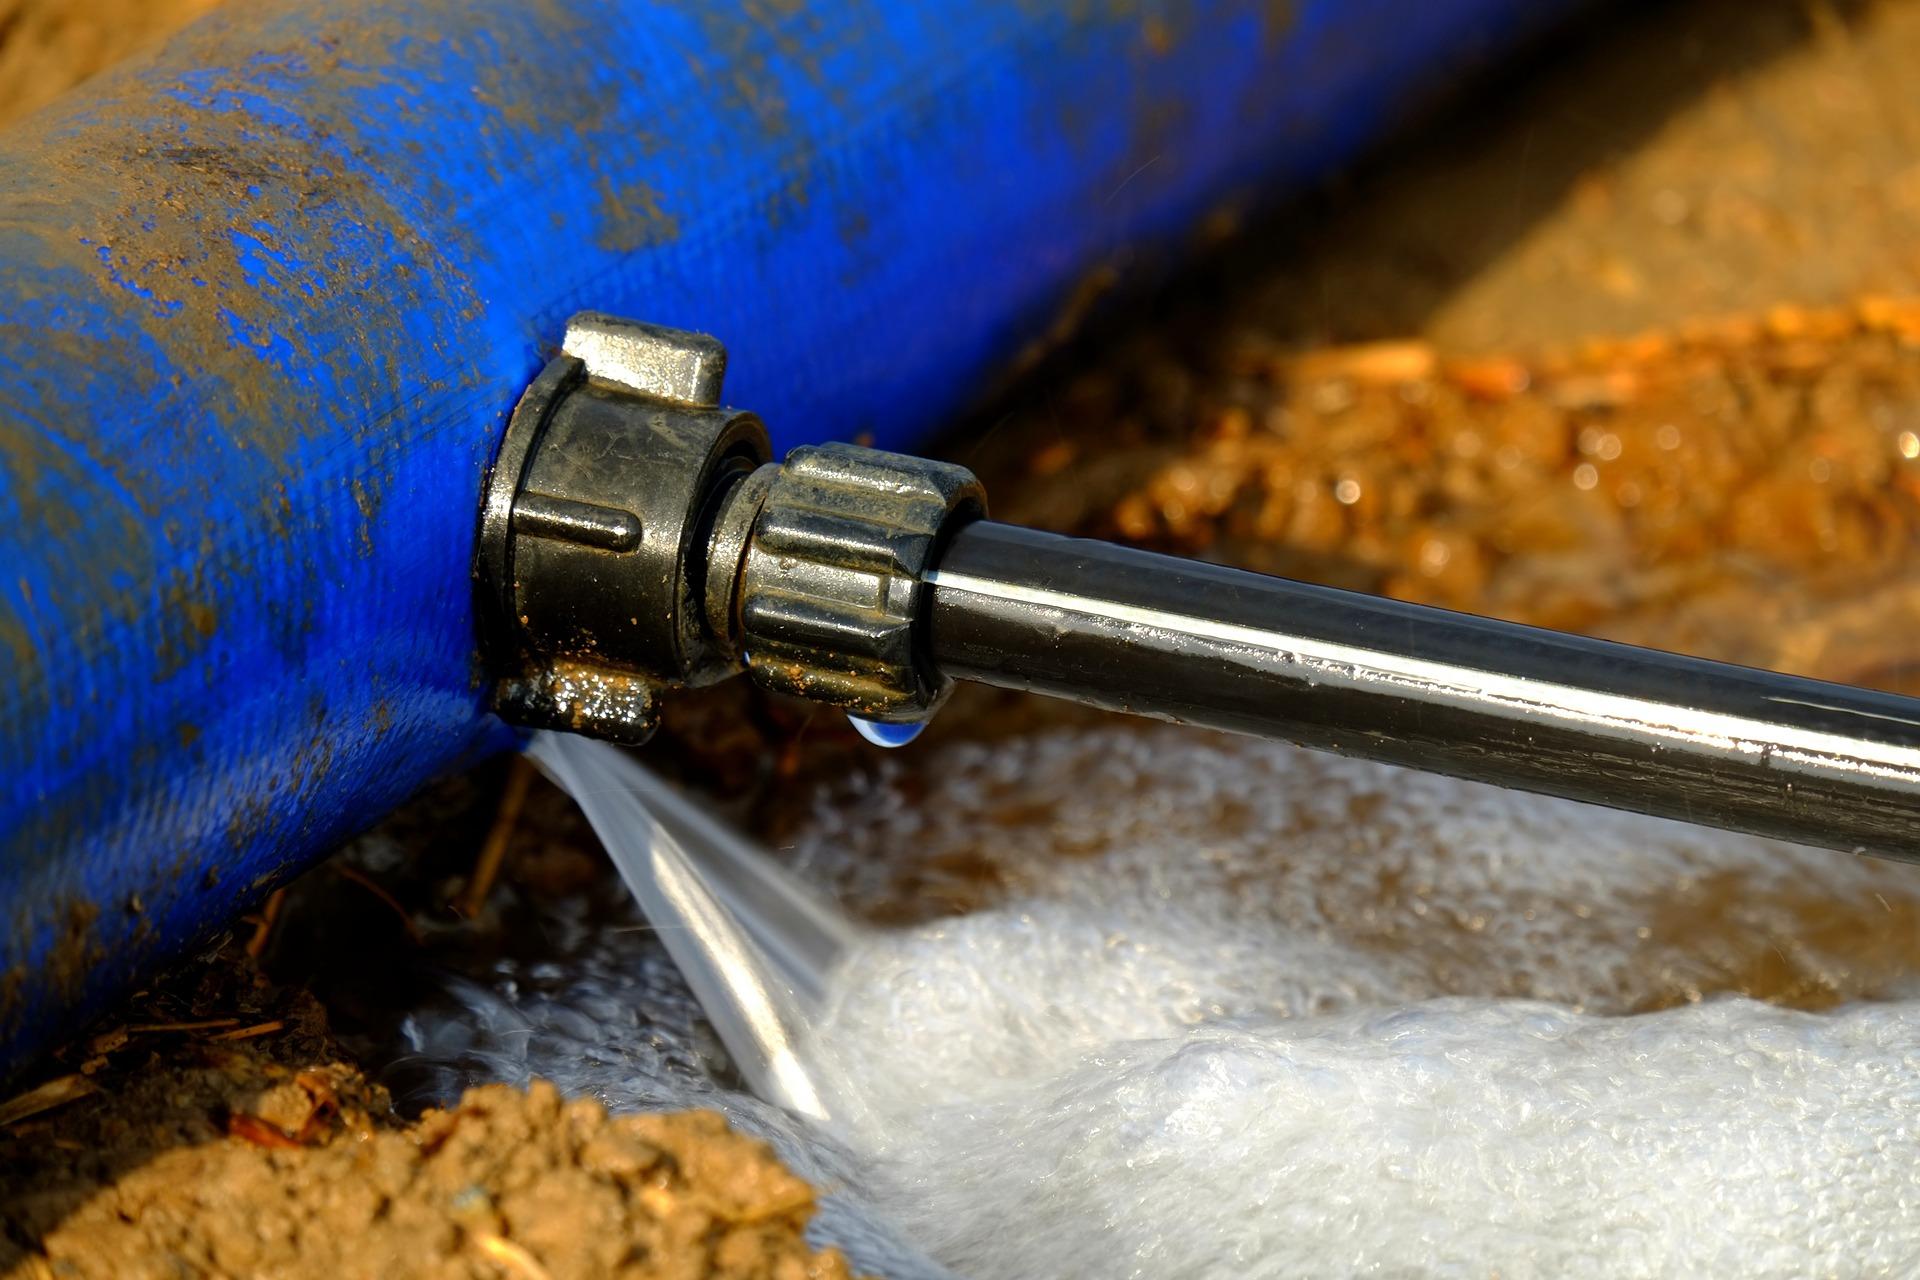 Rohrbruch Hilfe was tun Wasserrohrbruch Bautrocknung Duregger Leitung Lochfraßkorrosion Wasserzufuhrsystem Schaden Wasserschaden undicht